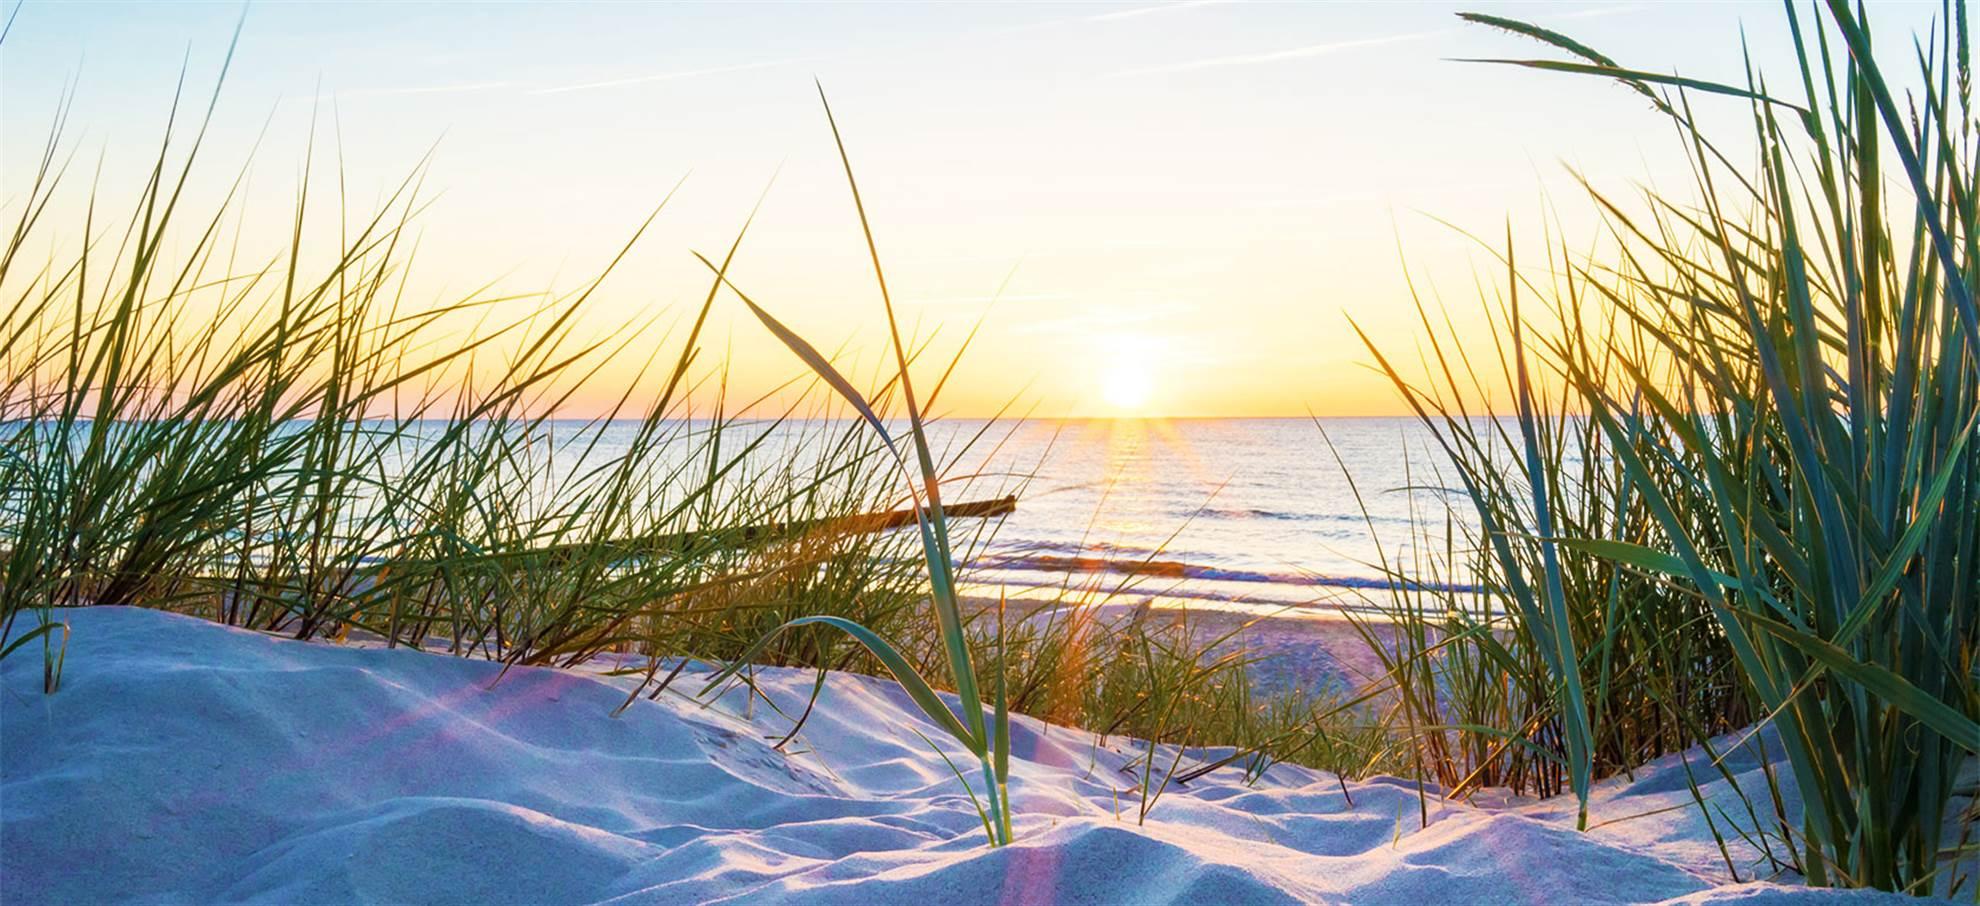 Dünen und Strandausflug: Lernen Sie das Land unter dem Meeresspiegel kennen!(Aktiv und Buchbar)